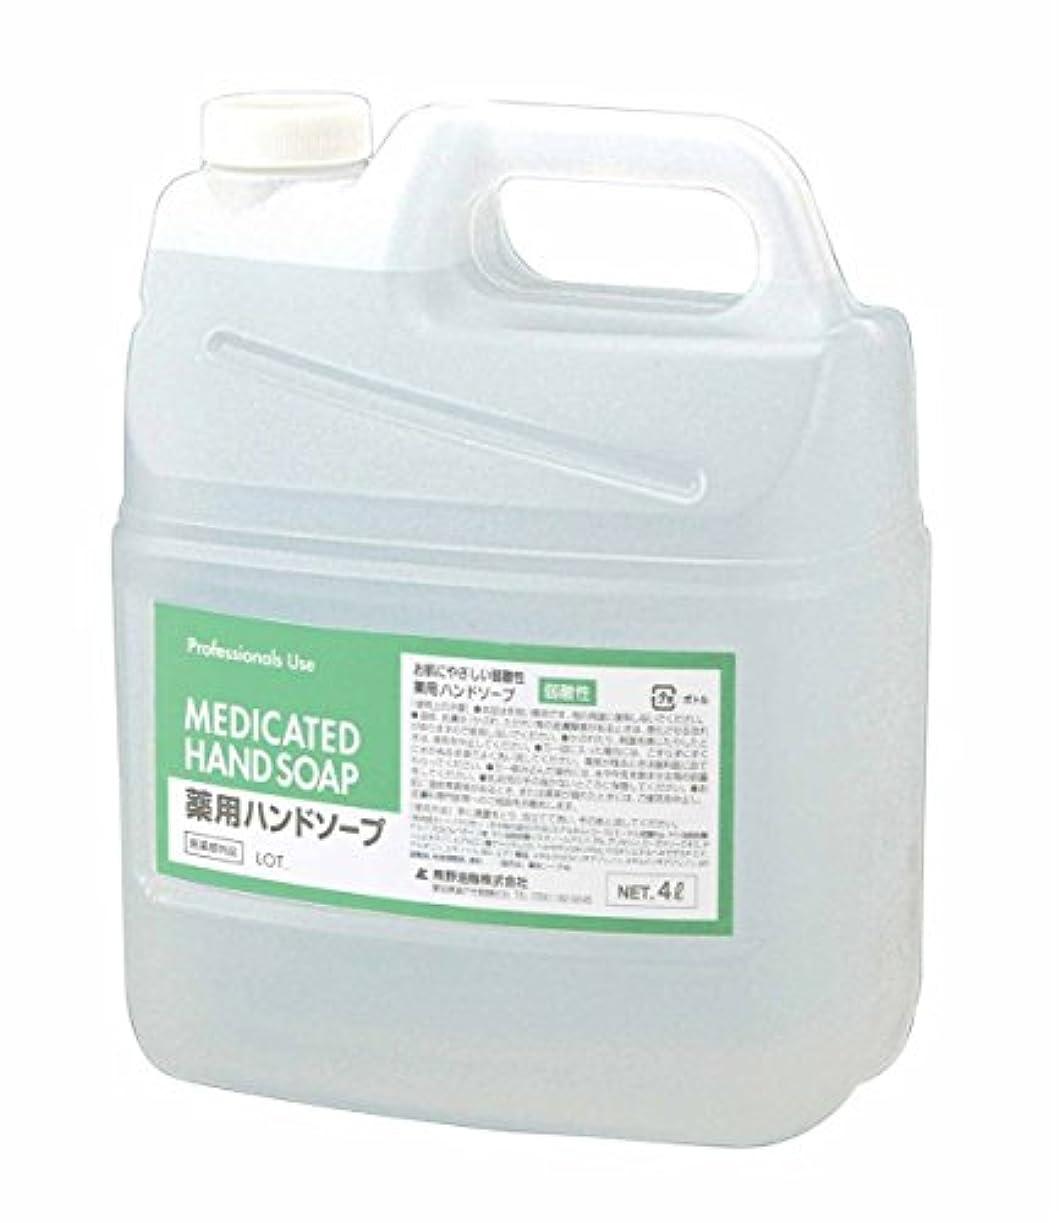 社交的実験をする救援ファーマアクト 弱酸性薬用ハンドソープ 4L